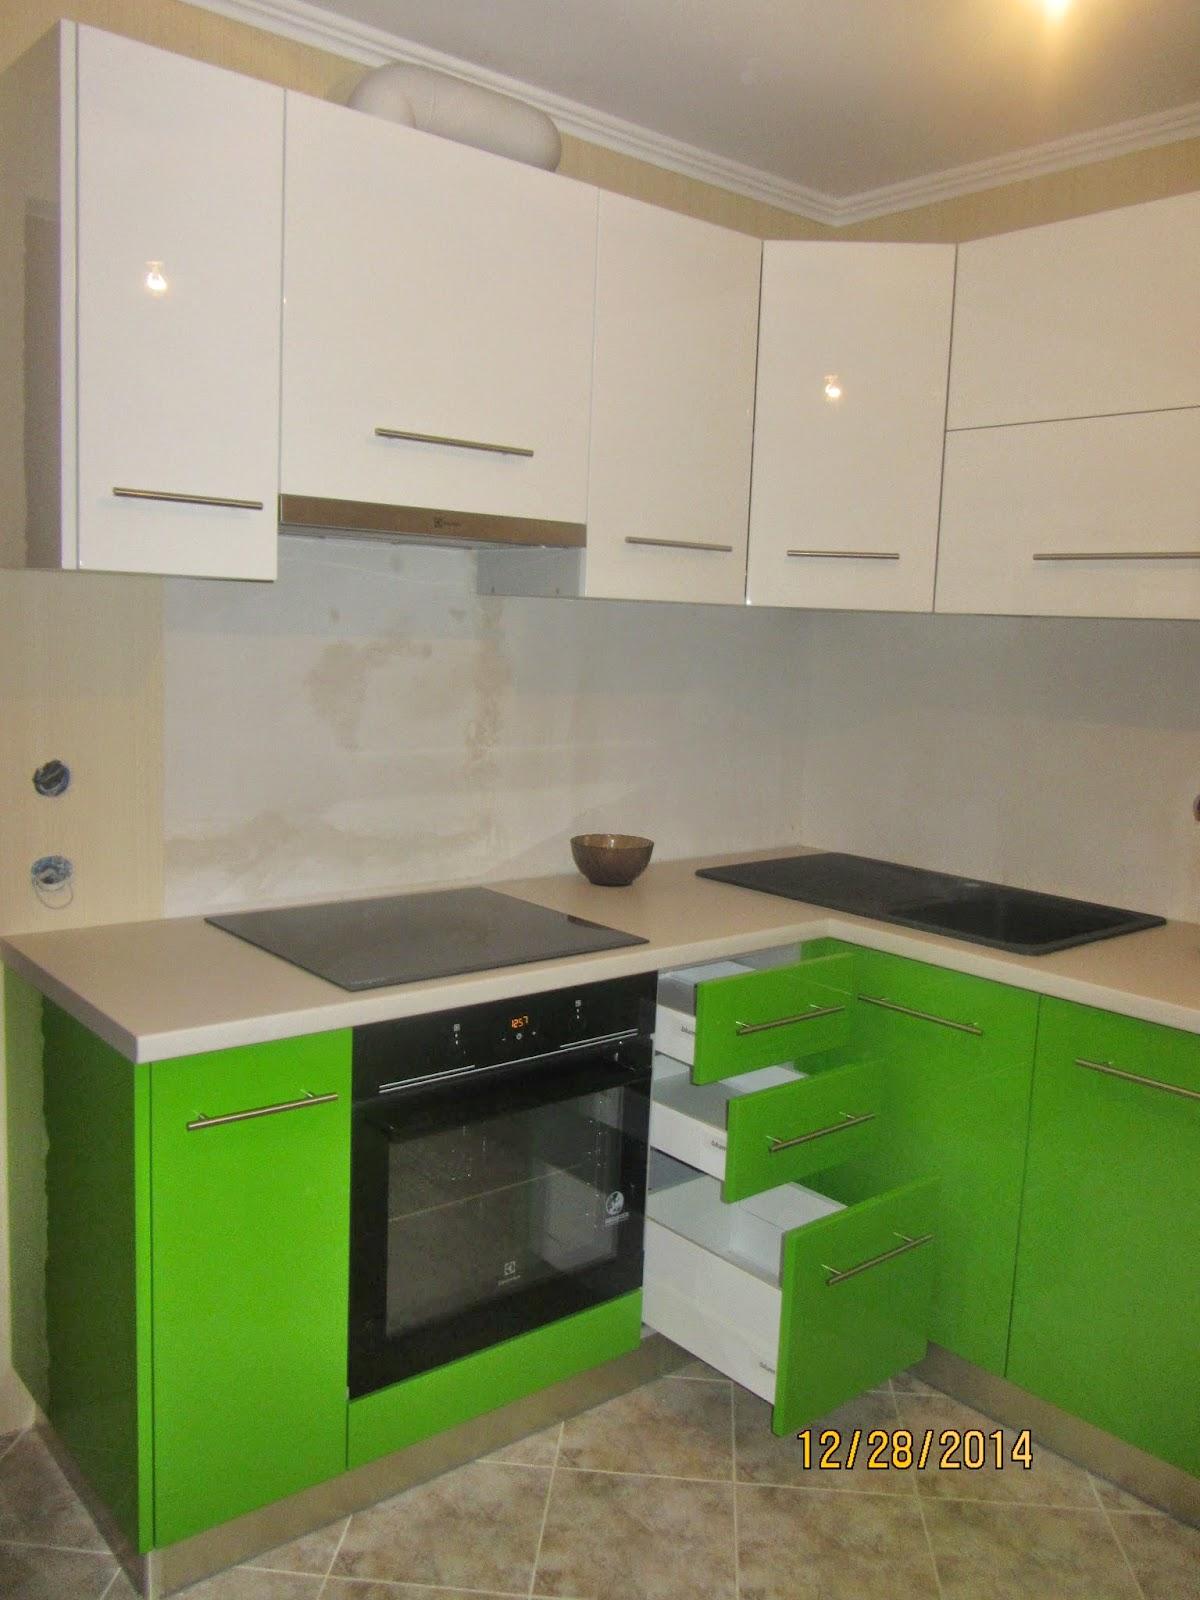 Kухни и корпусная мебель под заказ: Угловая современная кухня в ...